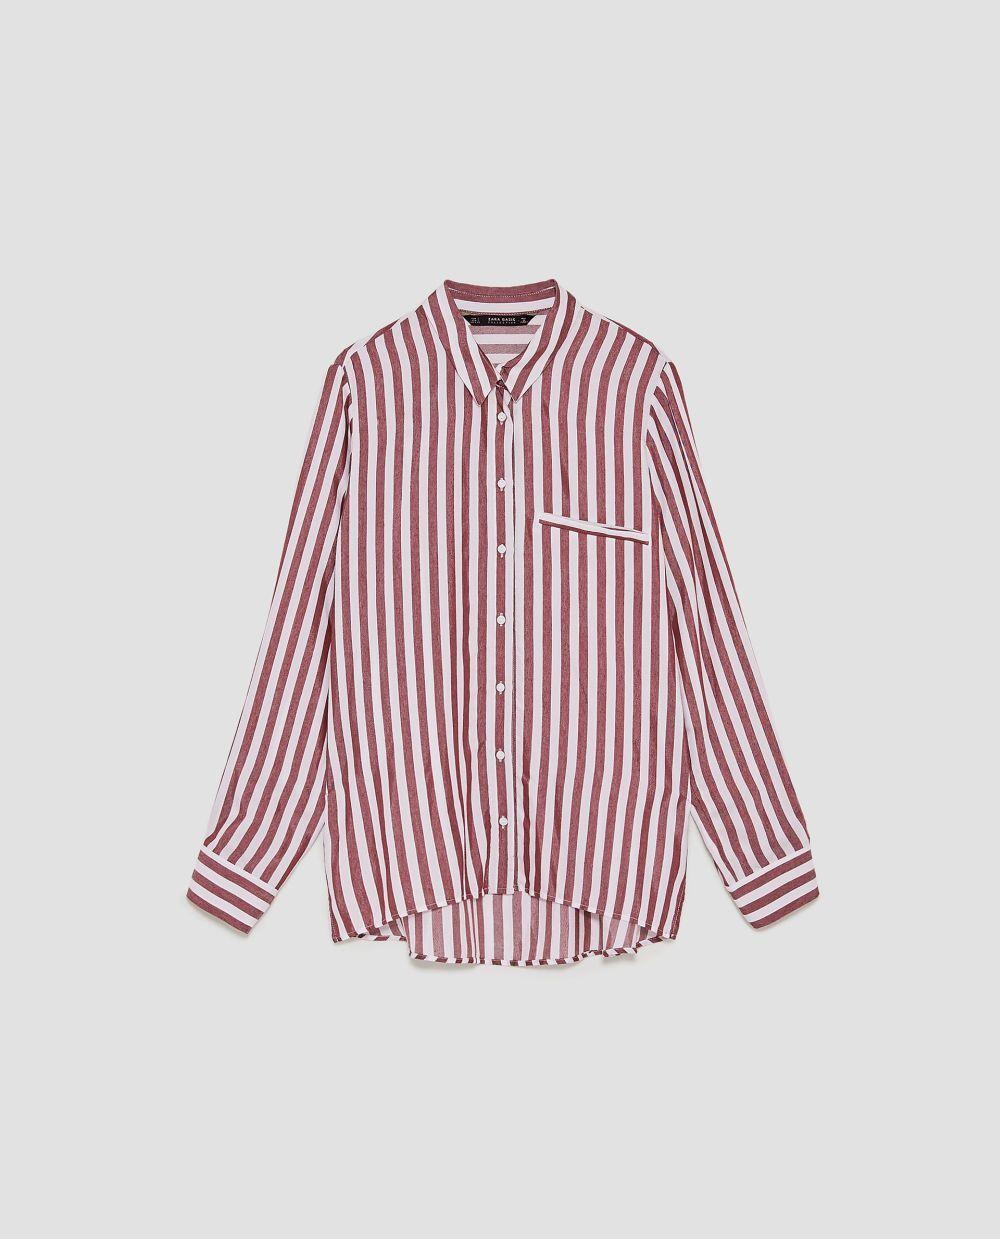 Camisa de rayas de Zara (12,99 euros)